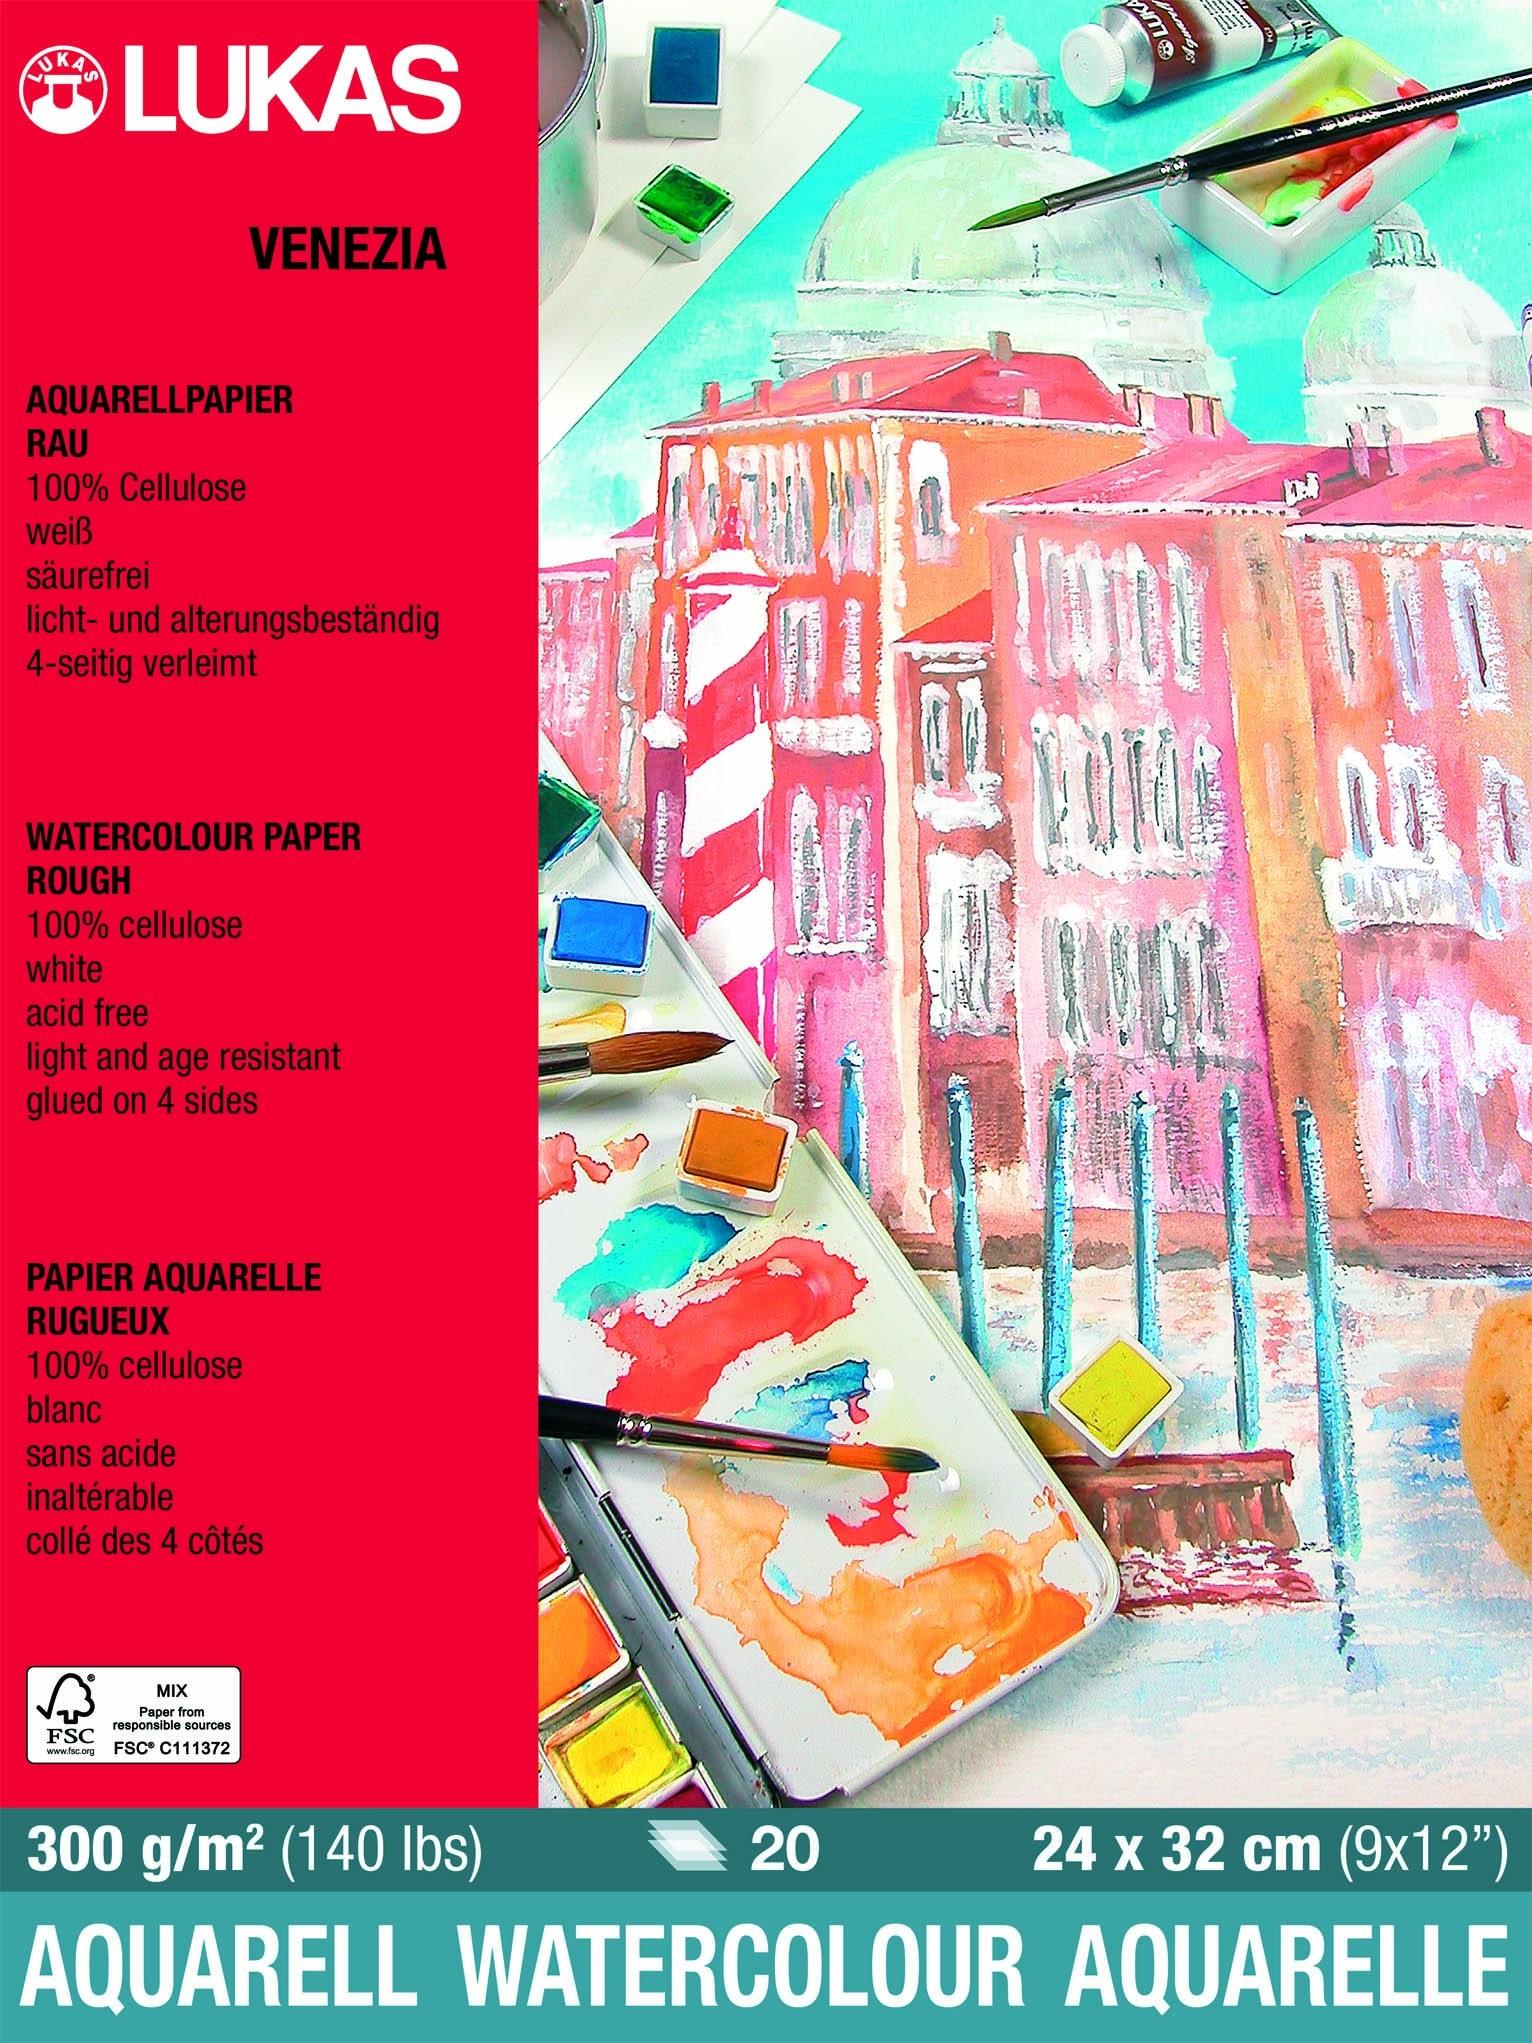 Papel para aquarela celulose Venezia 300 g/m2 pequeno